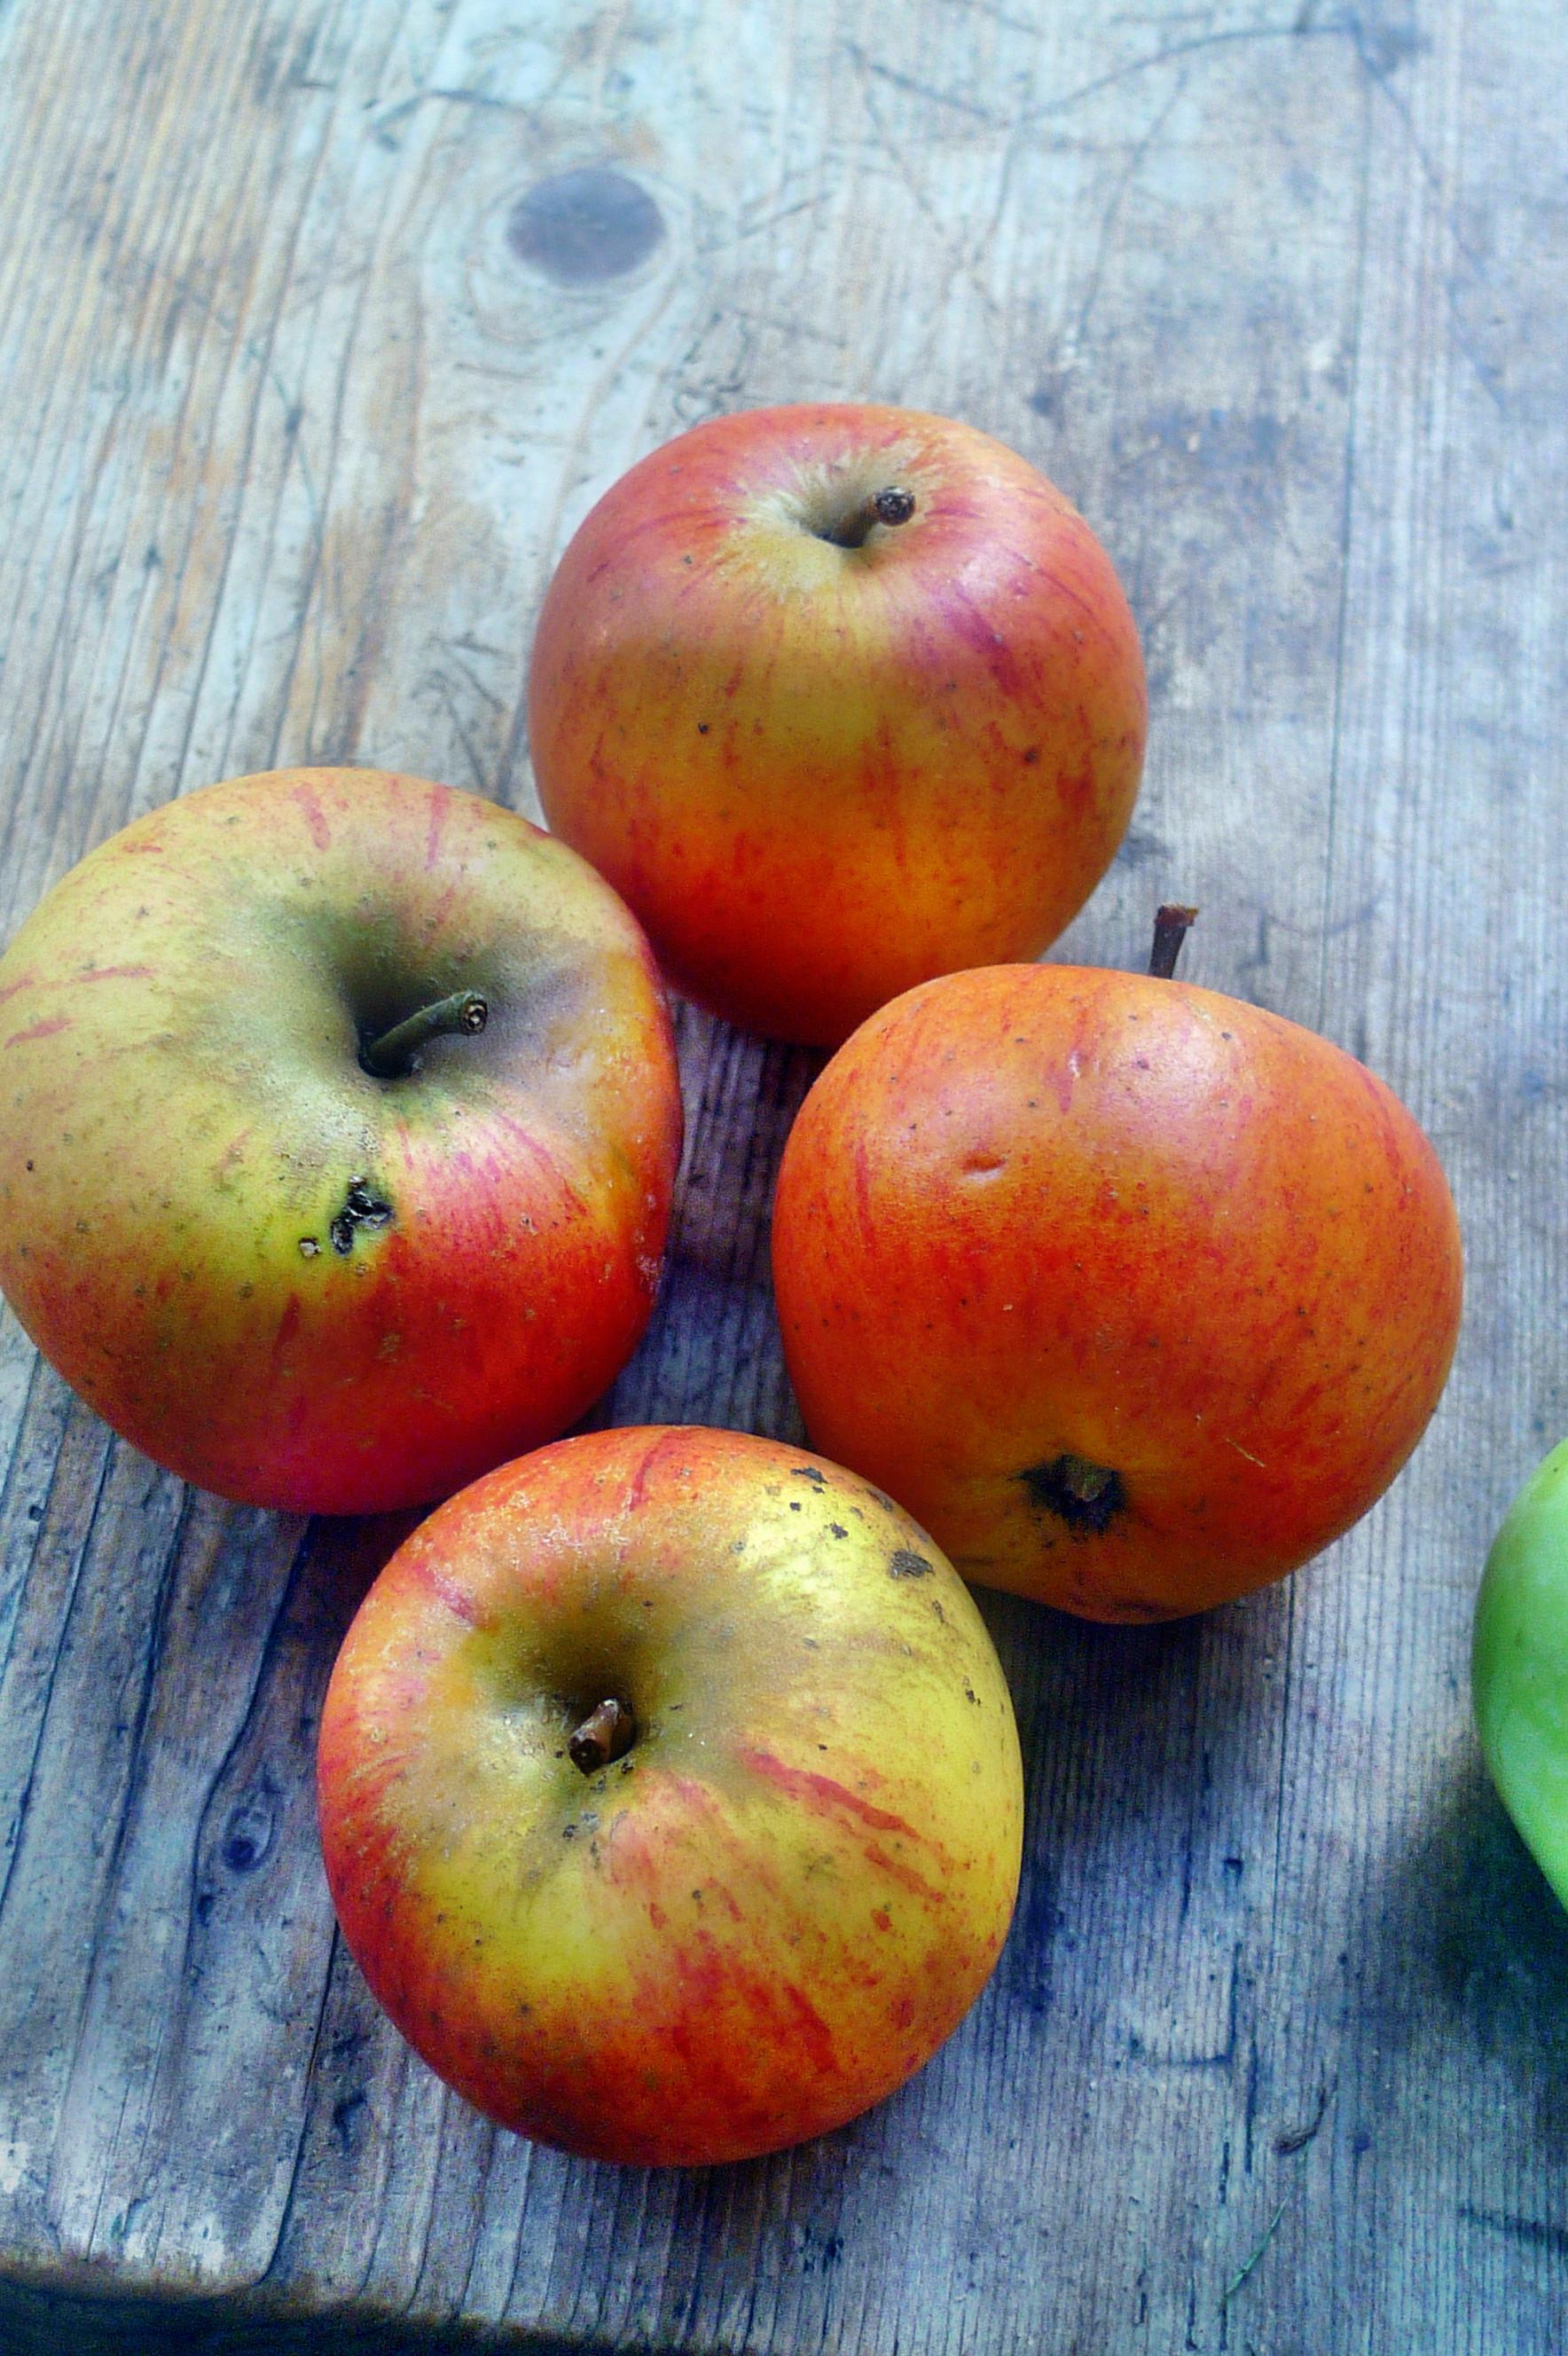 Äpfel- 27.9.14 - (6)